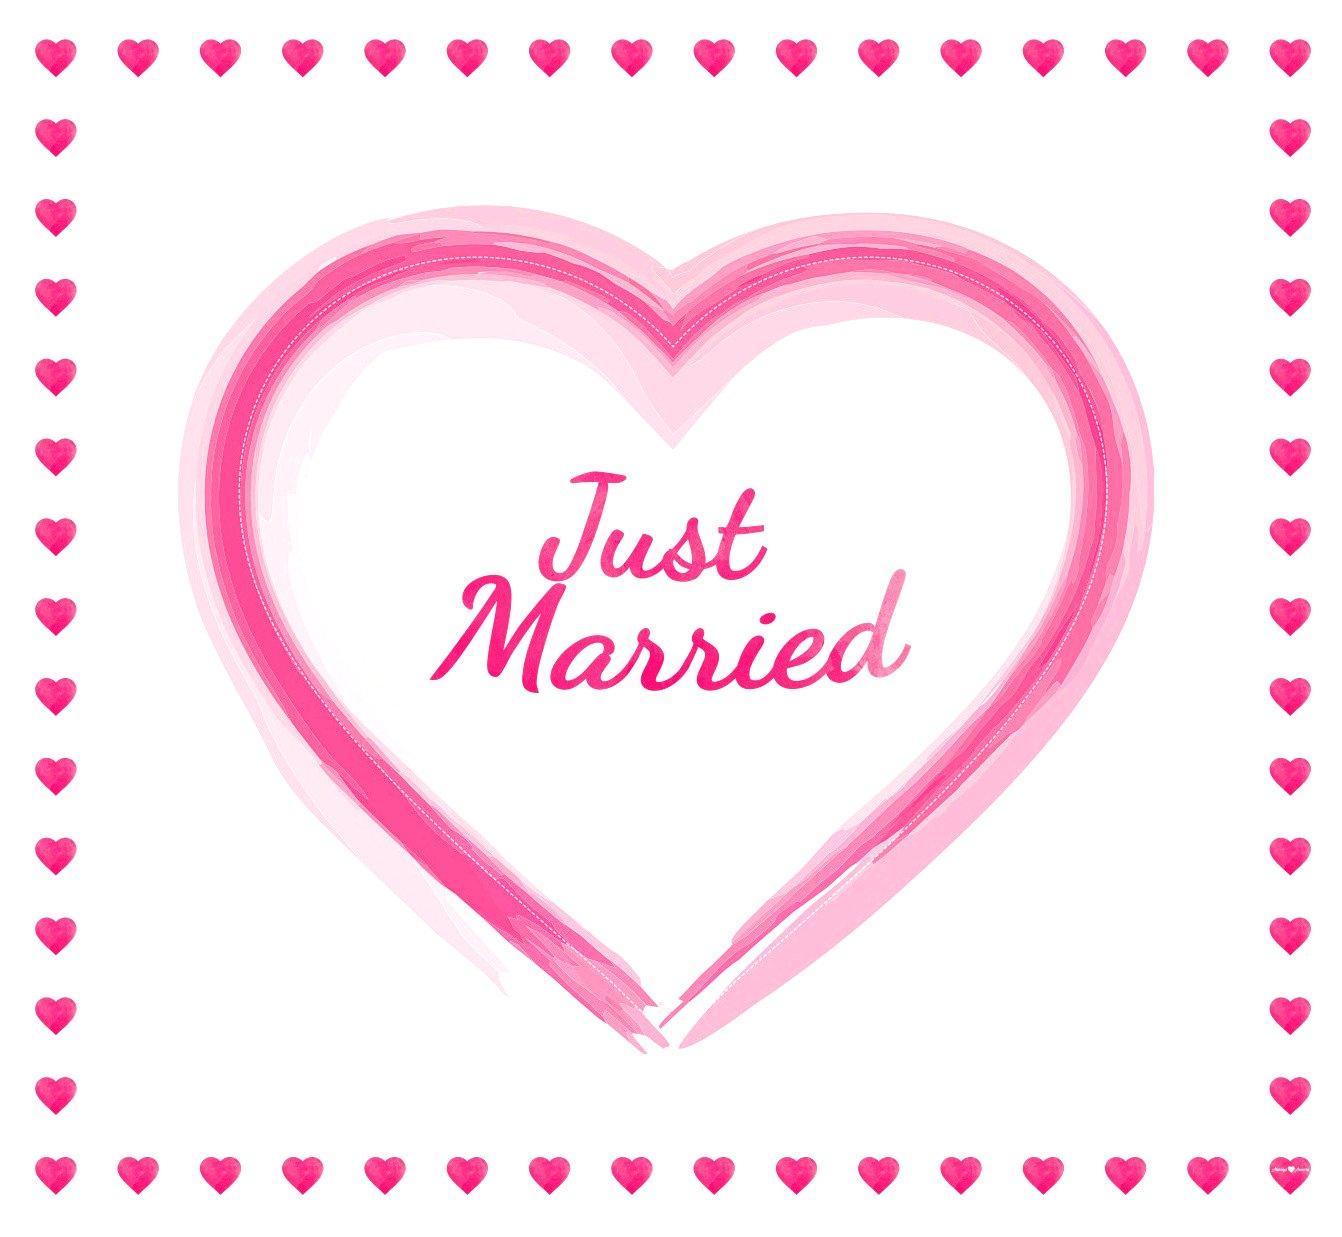 Always Amore® Hochzeitsherz zum Ausschneiden, hochwertiger Stoff und extrastarke Schlaufen, Hochzeitsgeschenk, Herzmotiv…